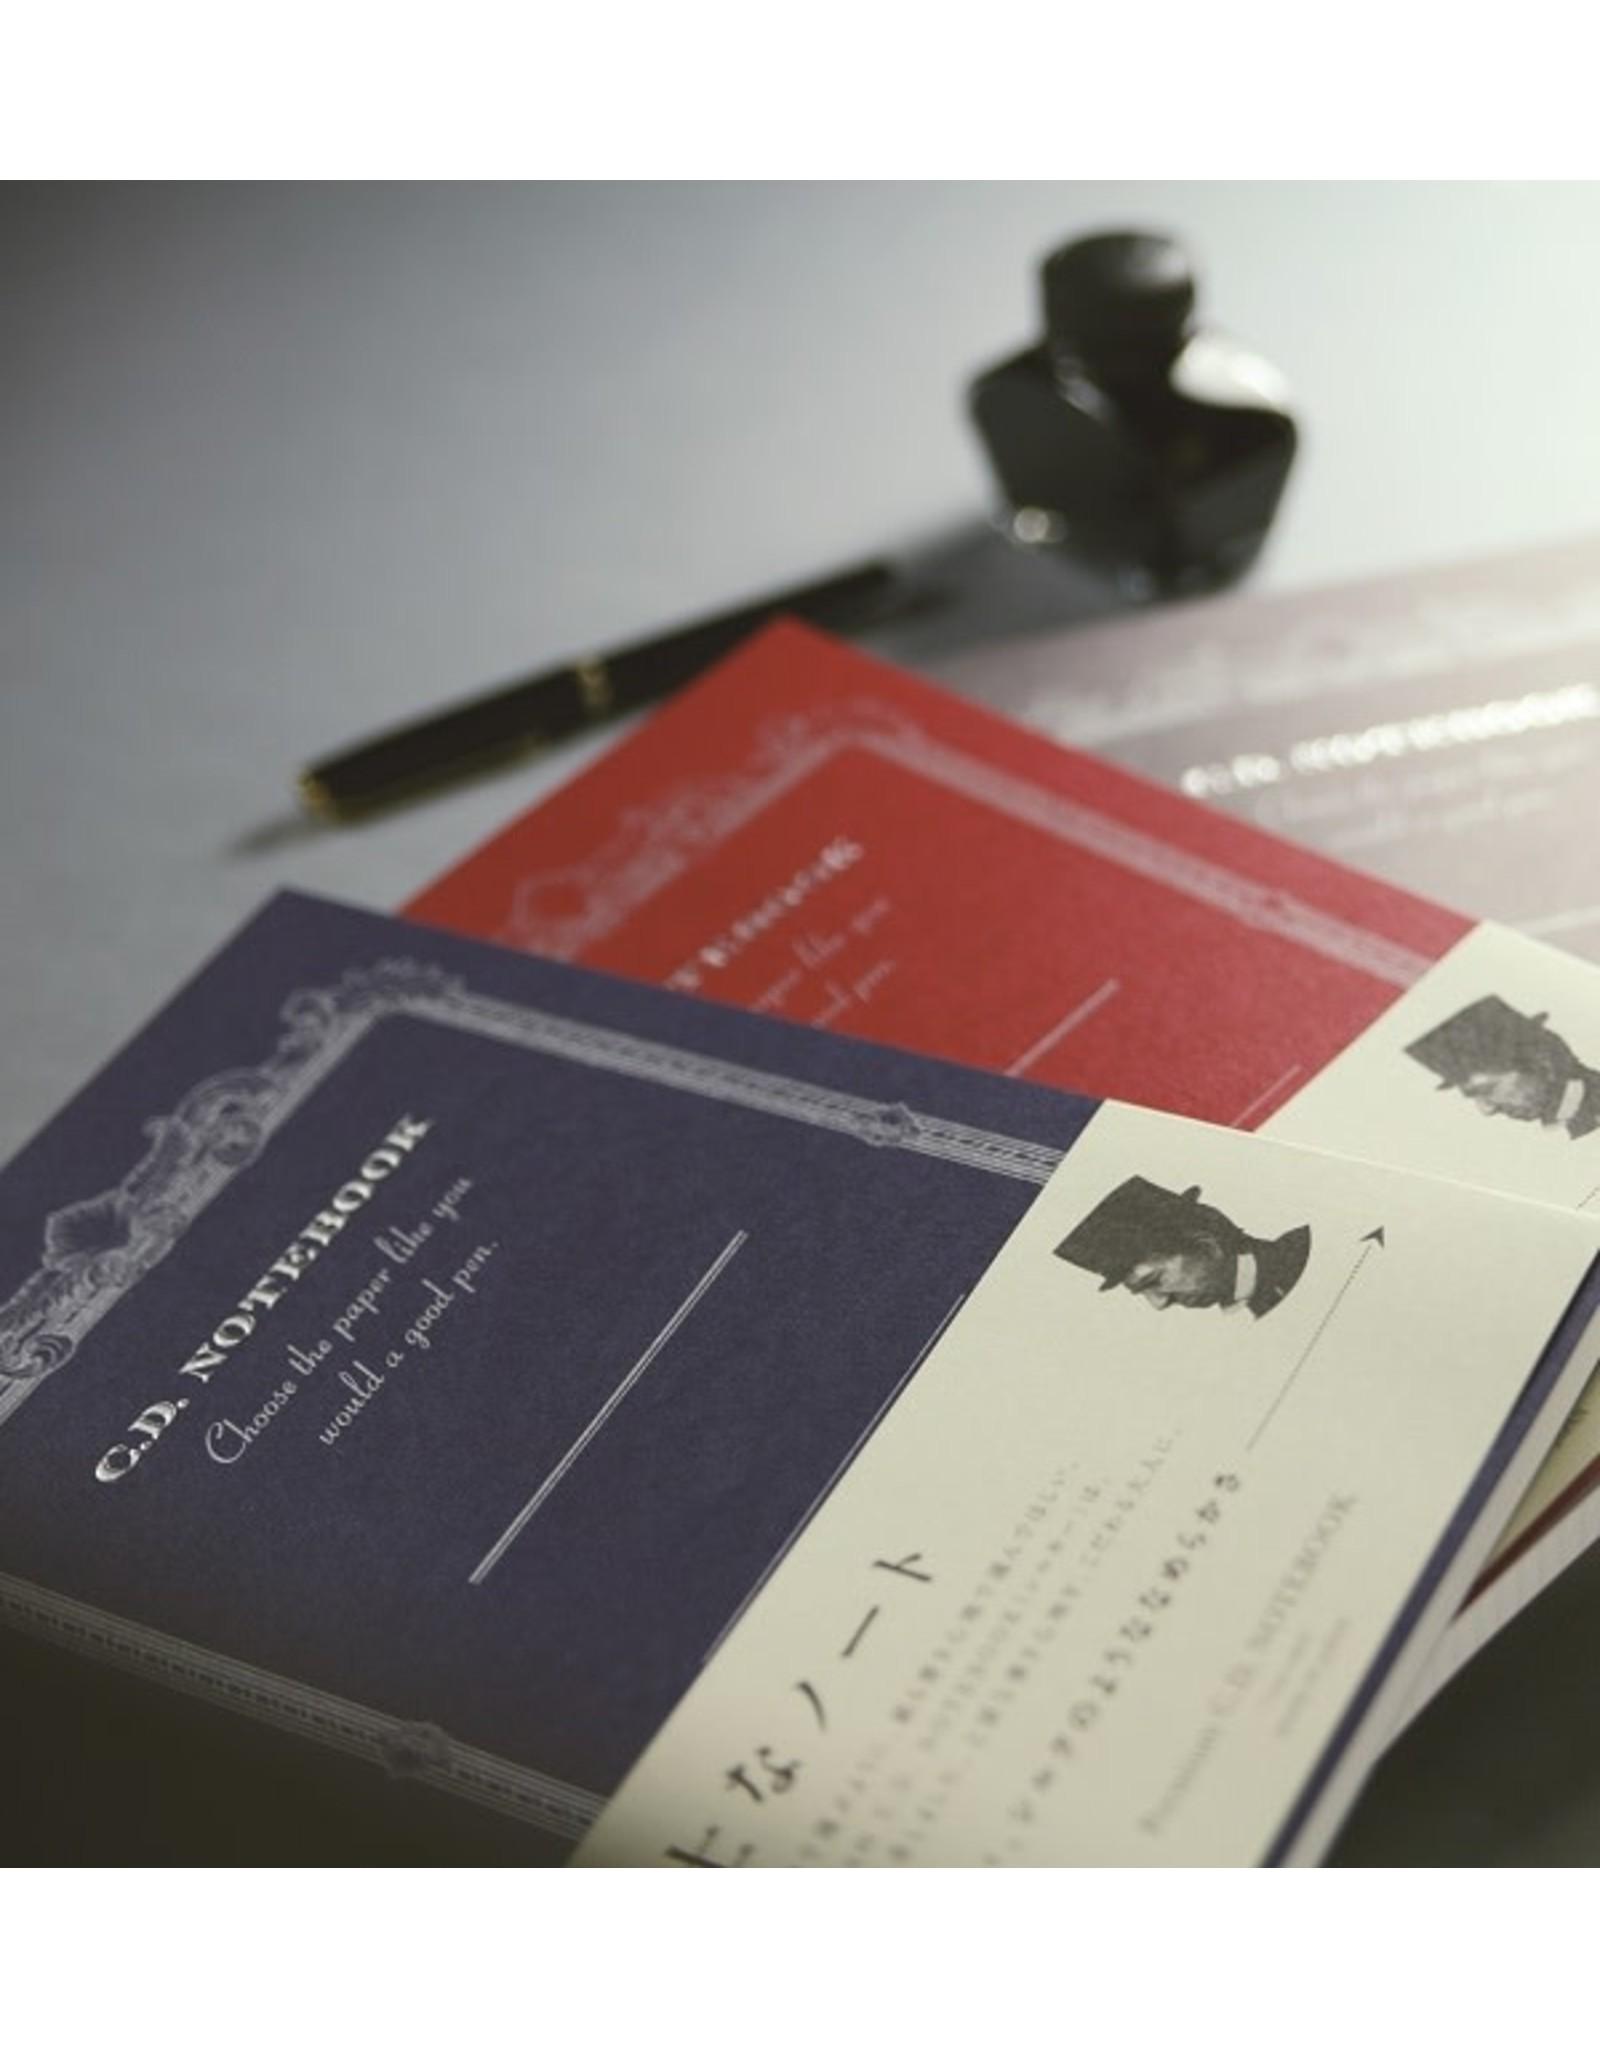 APICA Co., Ltd. PREMIUM CD NOTEBOOK A5 7MM 24 LINE 96PAGES BLUE